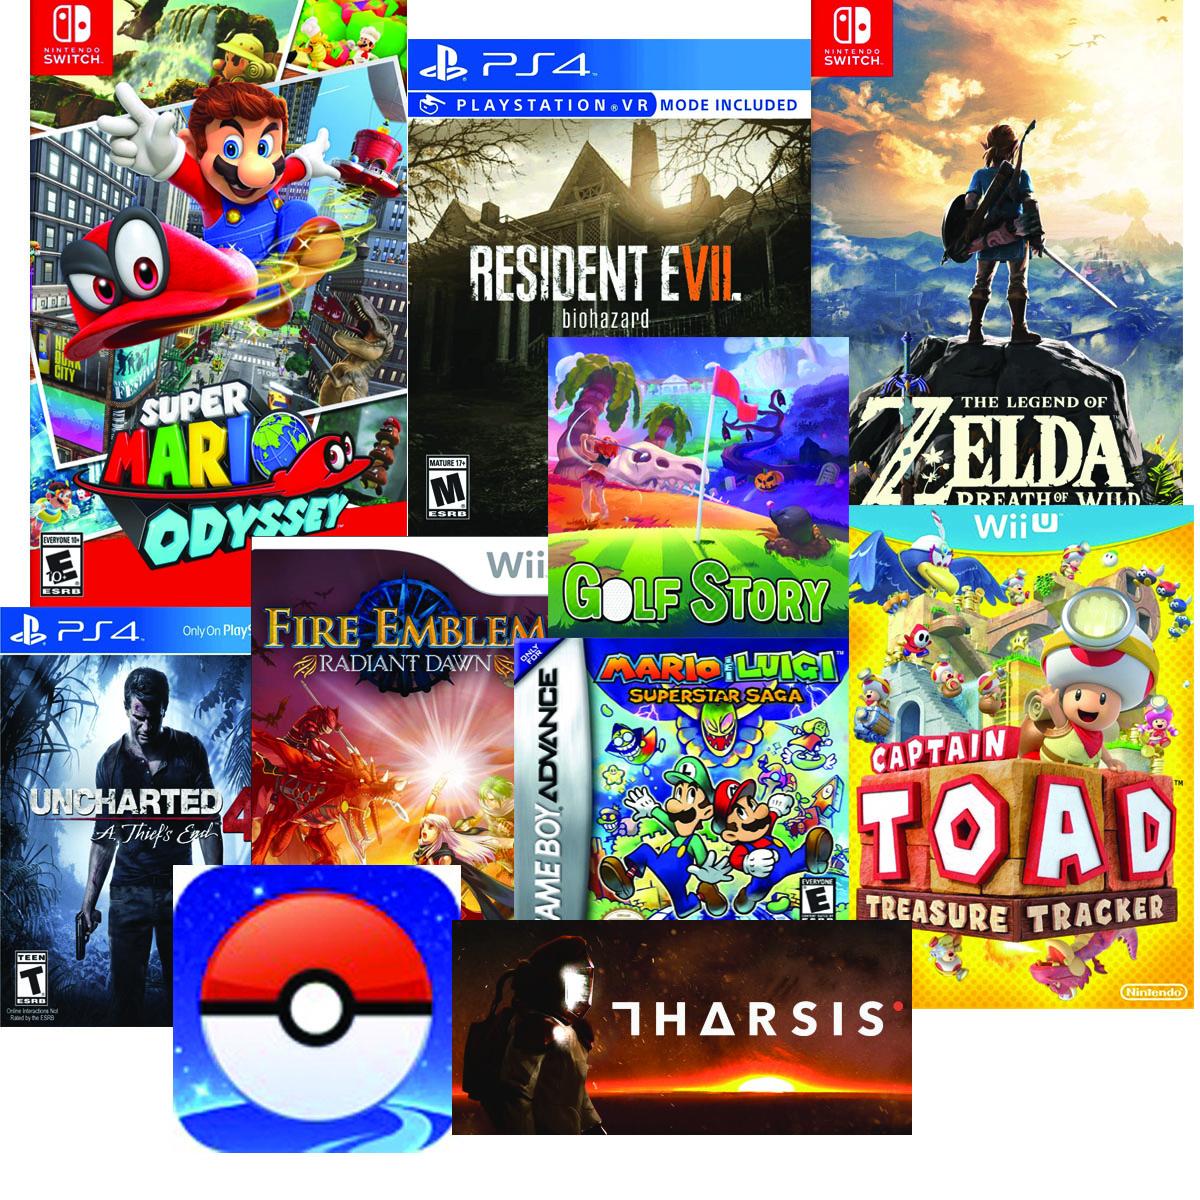 2017 Top Games